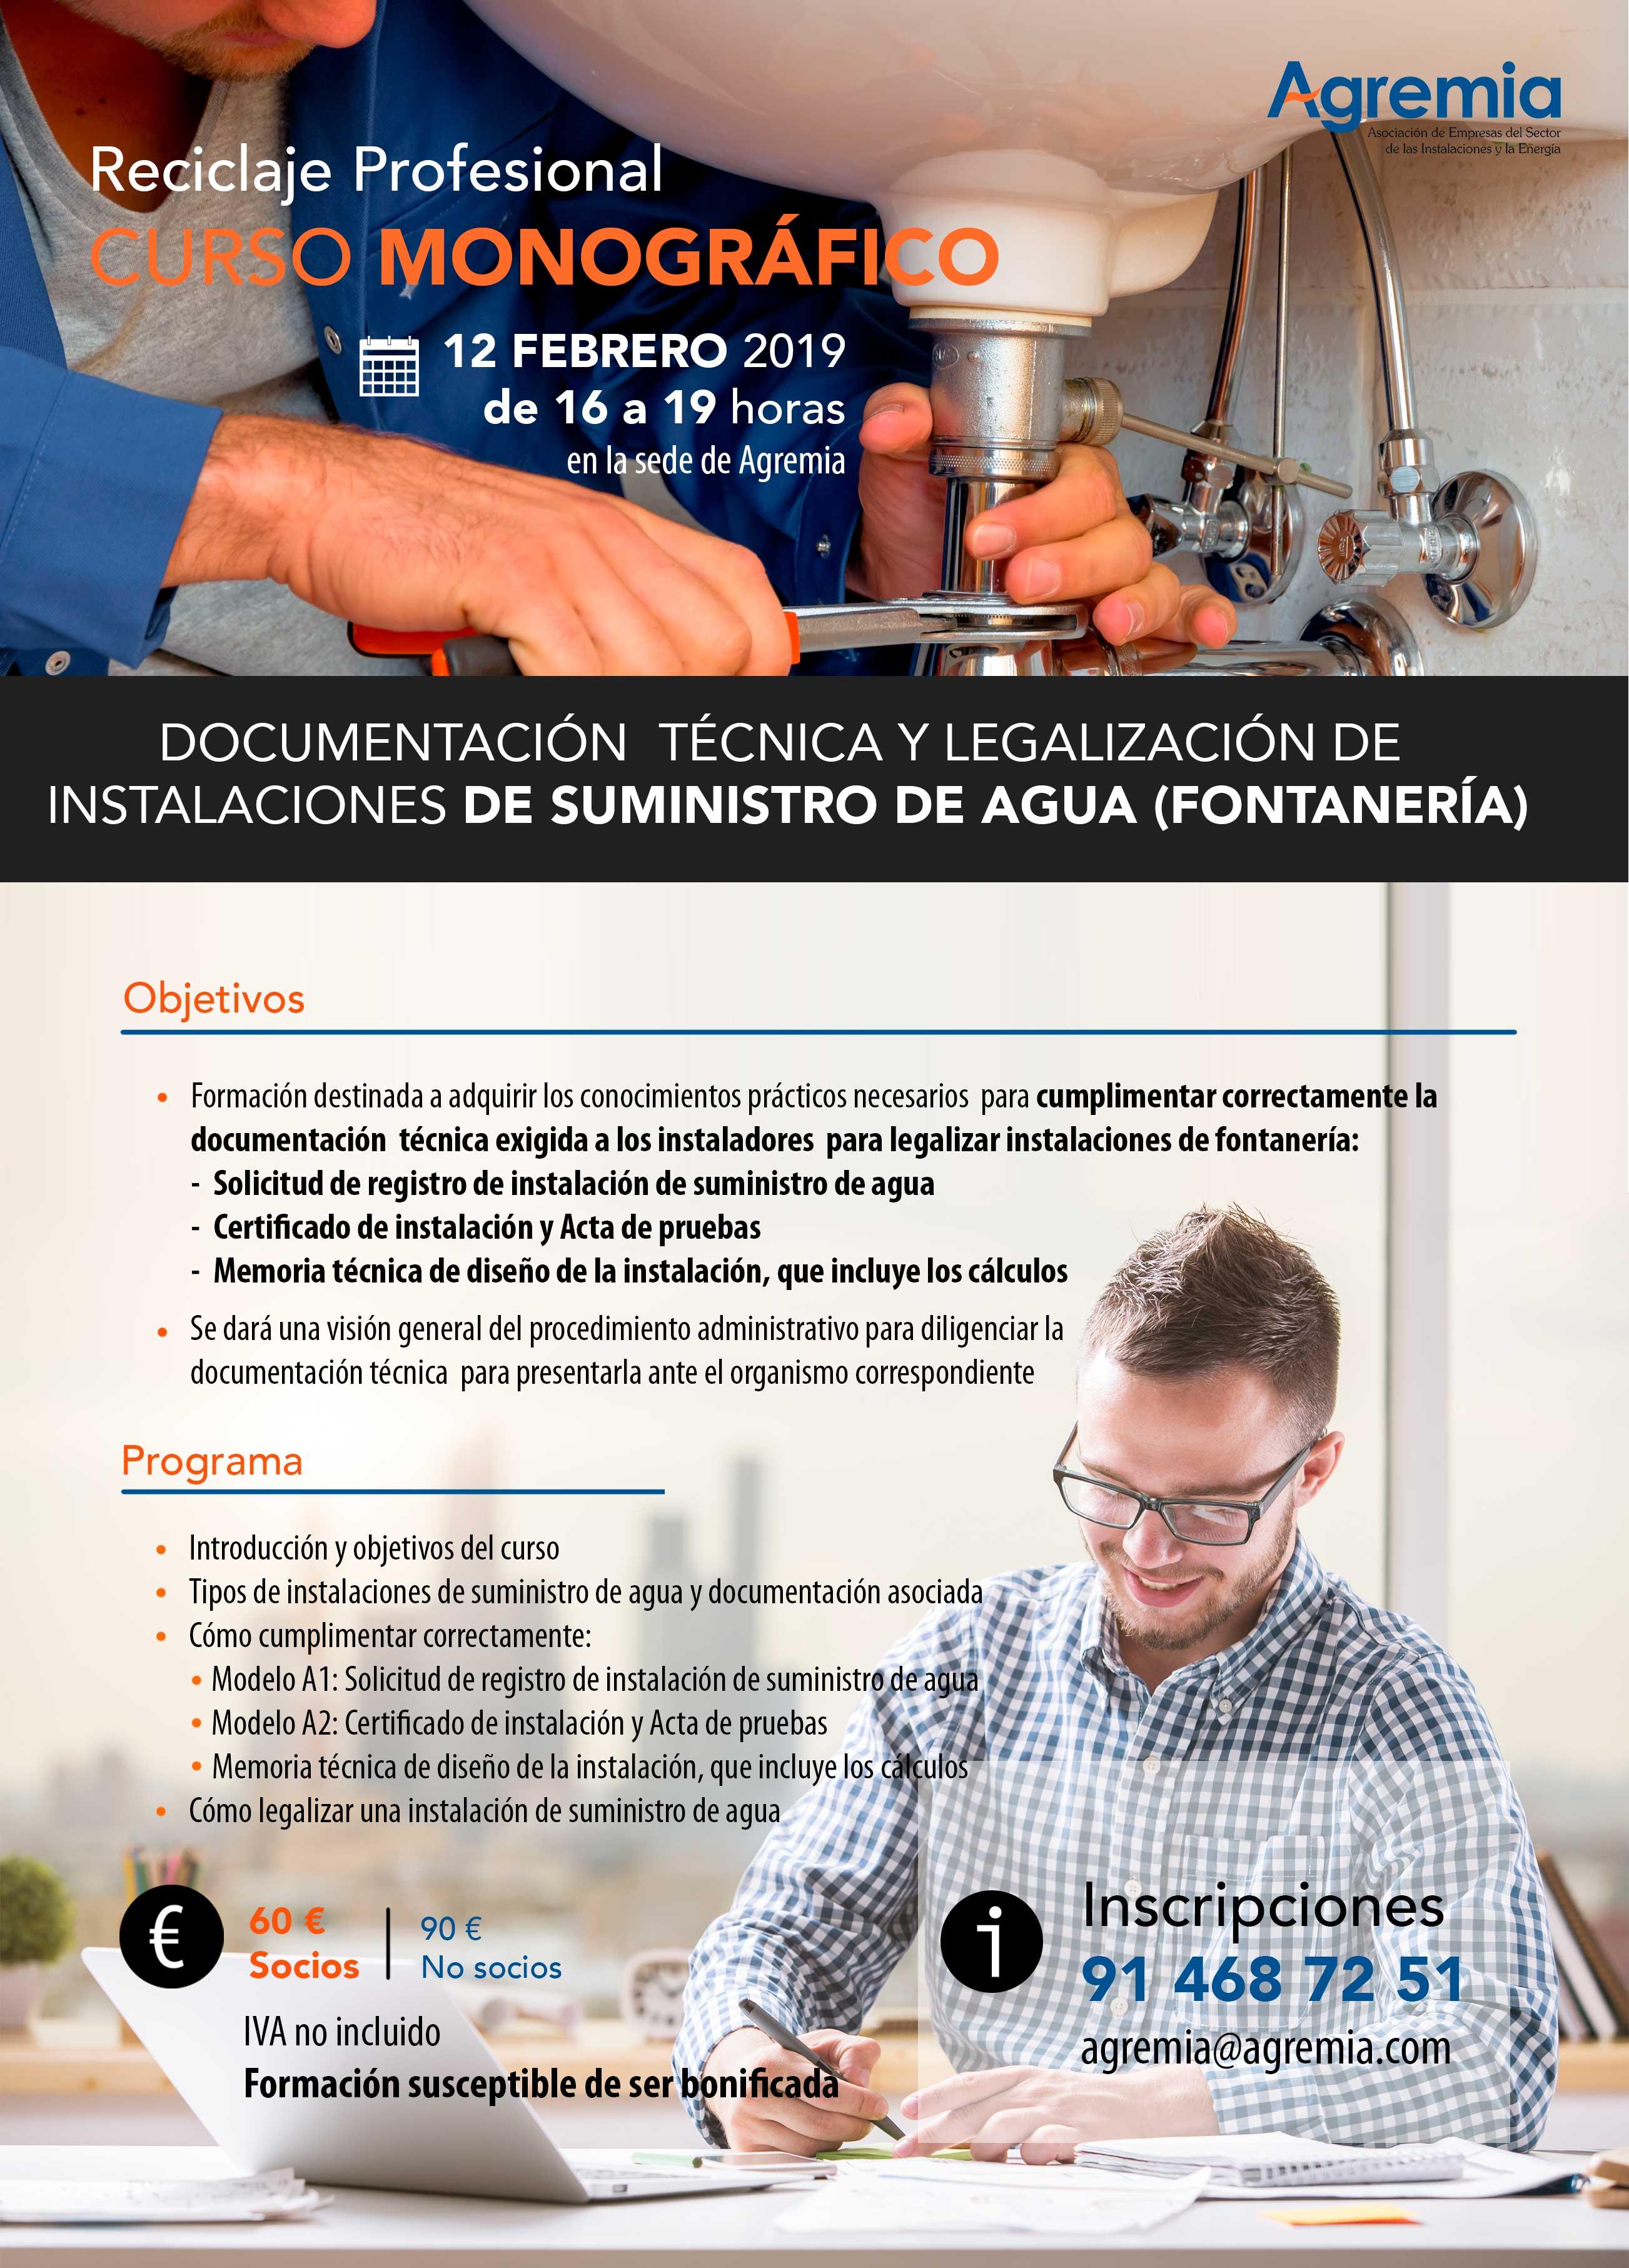 Curso práctico de reciclaje profesional: Cómo cumplimentar correctamente la documentación técnica y cómo legalizar instalaciones de FONTANERÍA